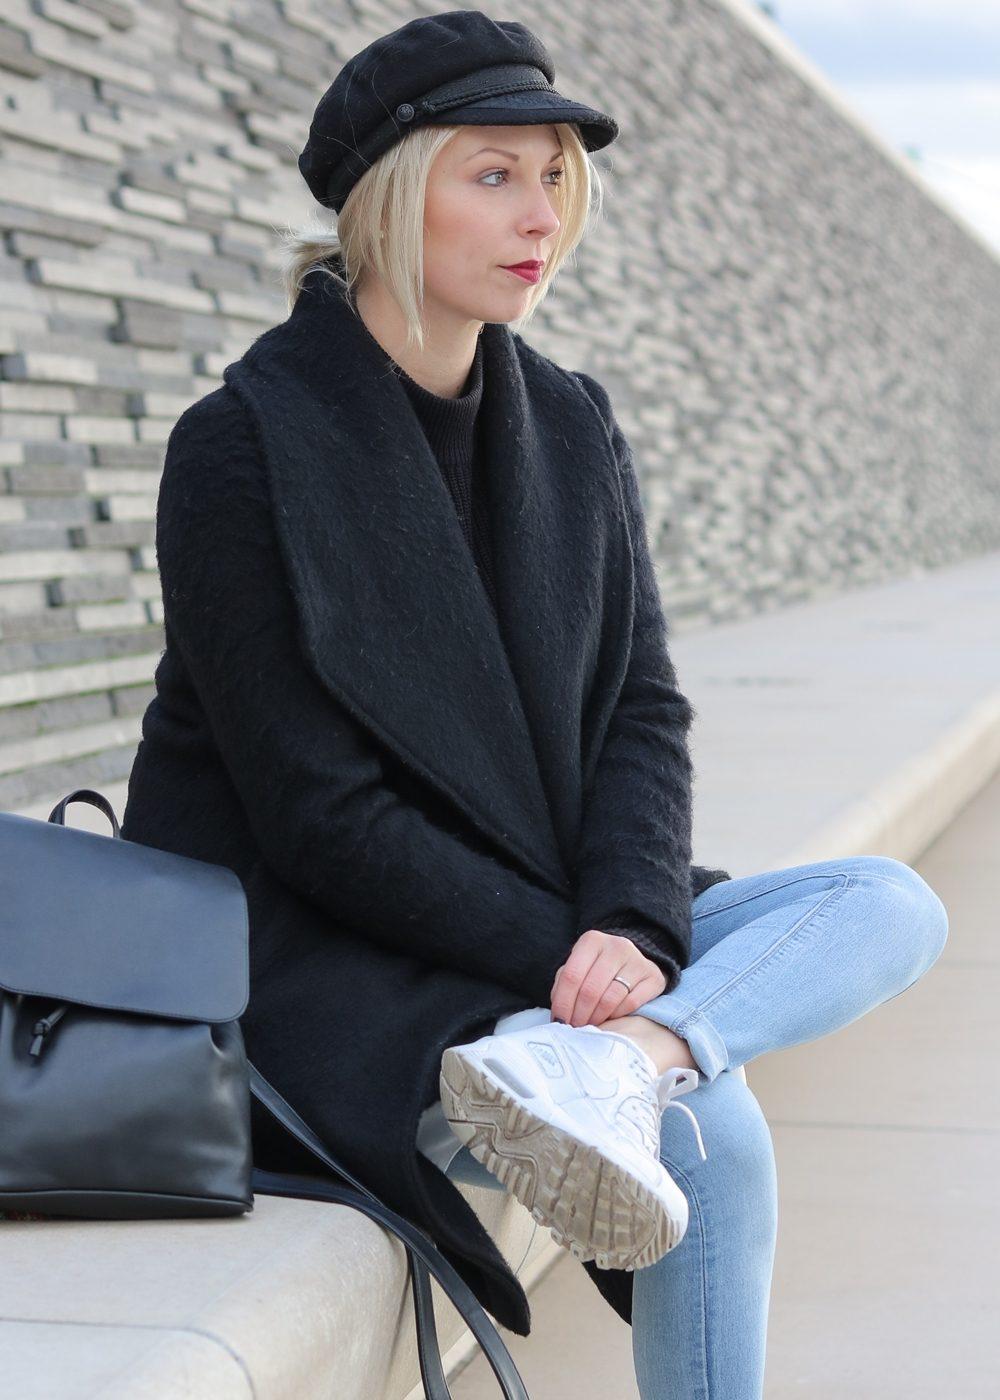 modeblogger-karlsruhe-outfit-herbst-kleid-vero-moda-rostrot-schwarzer-mantel-overknees-hut-7-von-29